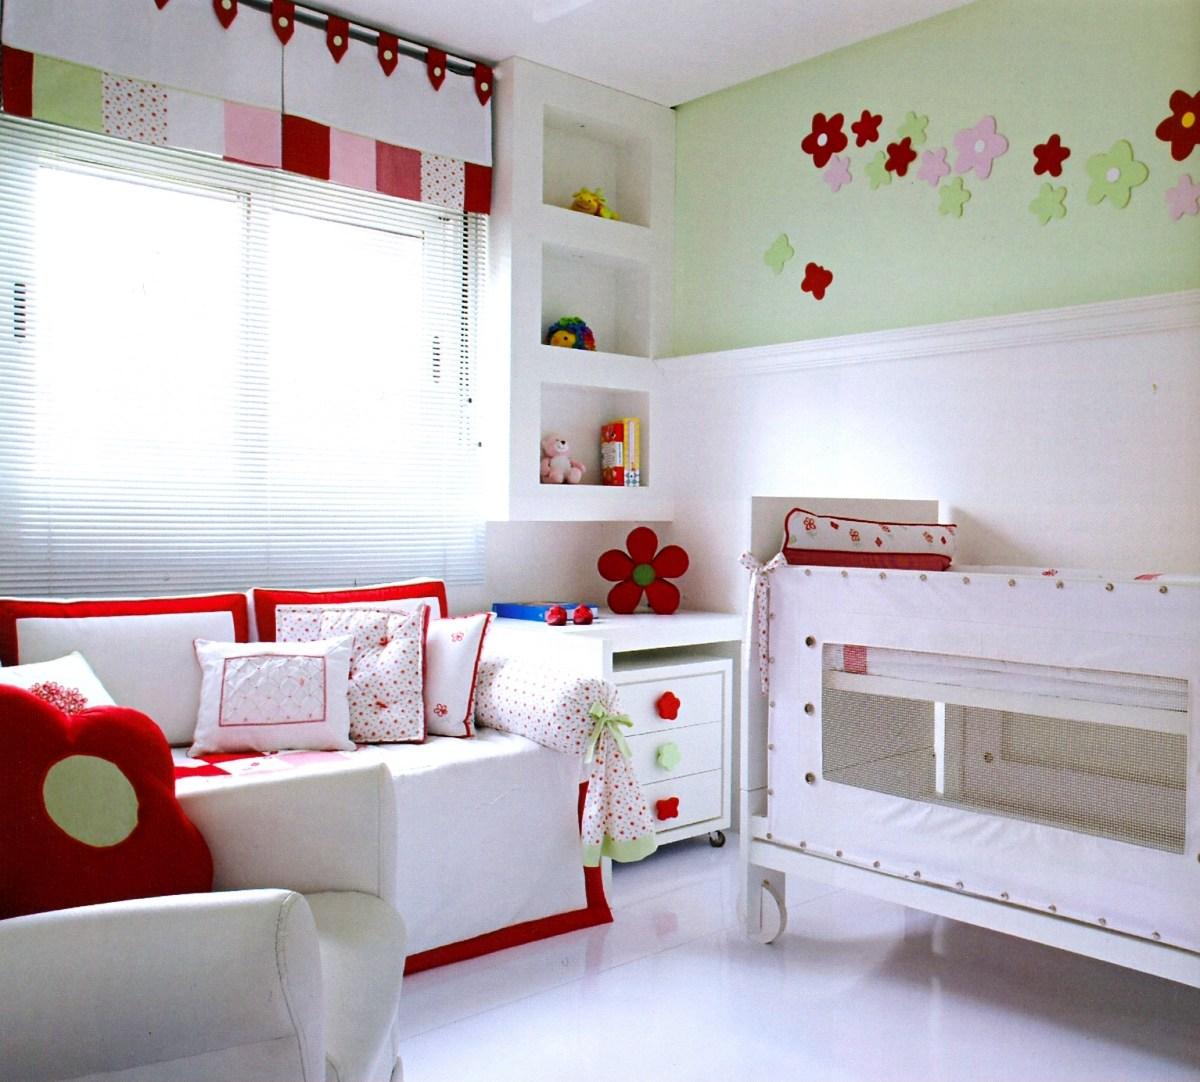 Uma decoração clean onde o predominante branco conta com uma faixa superior, rente ao teto, verde claro e detalhes vermelhos que roubam a cena com muito charme e elegância.